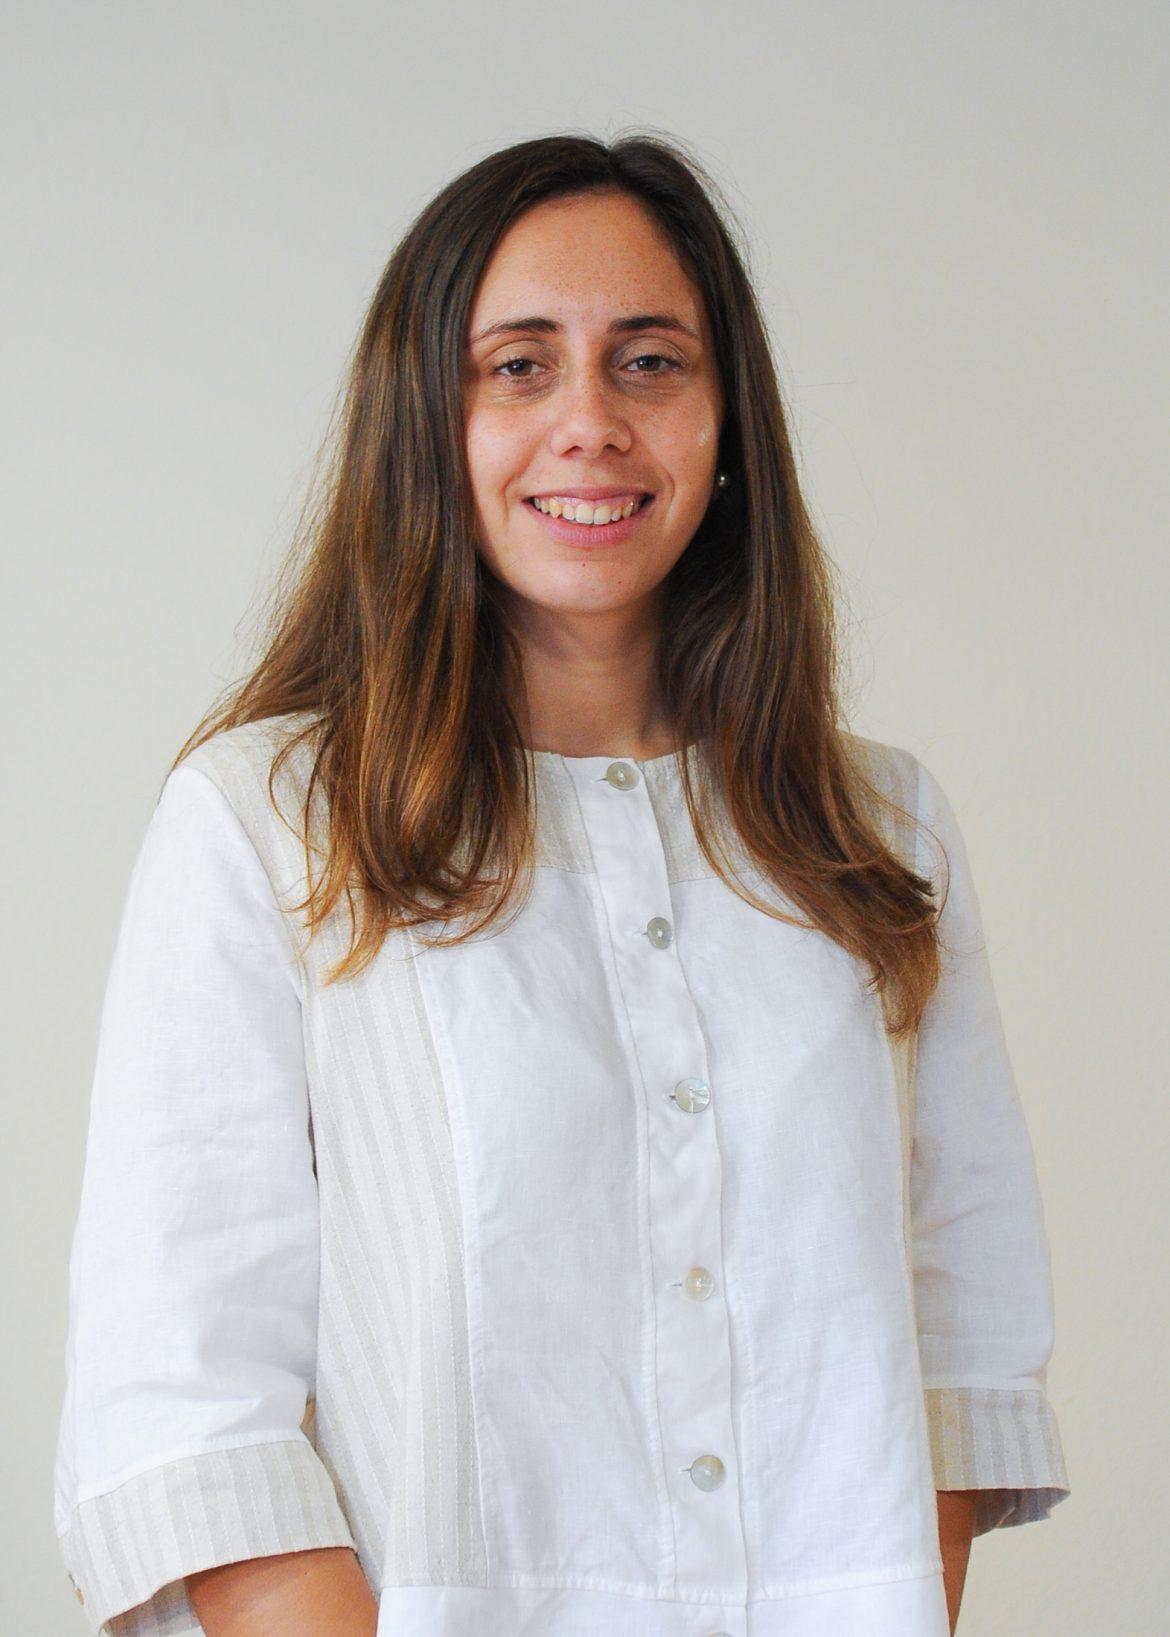 Margarida Ferrreira da Costa